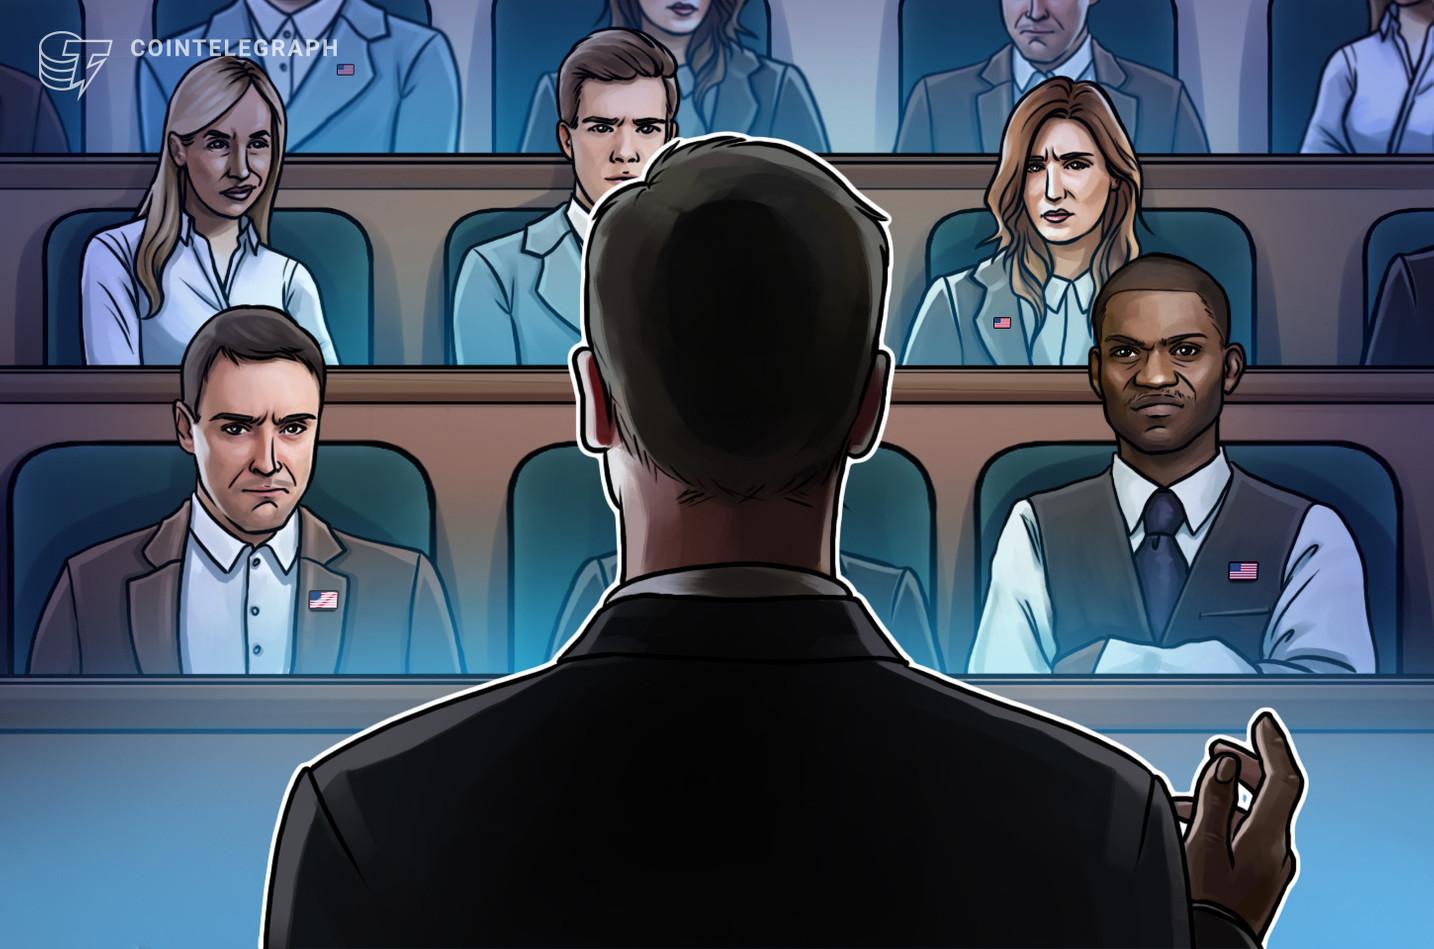 Se espera que los ejecutivos de Robinhood, Melvin Capital y Citadel declaren sobre el escándalo de GameStop ante el Congreso de EE.UU.